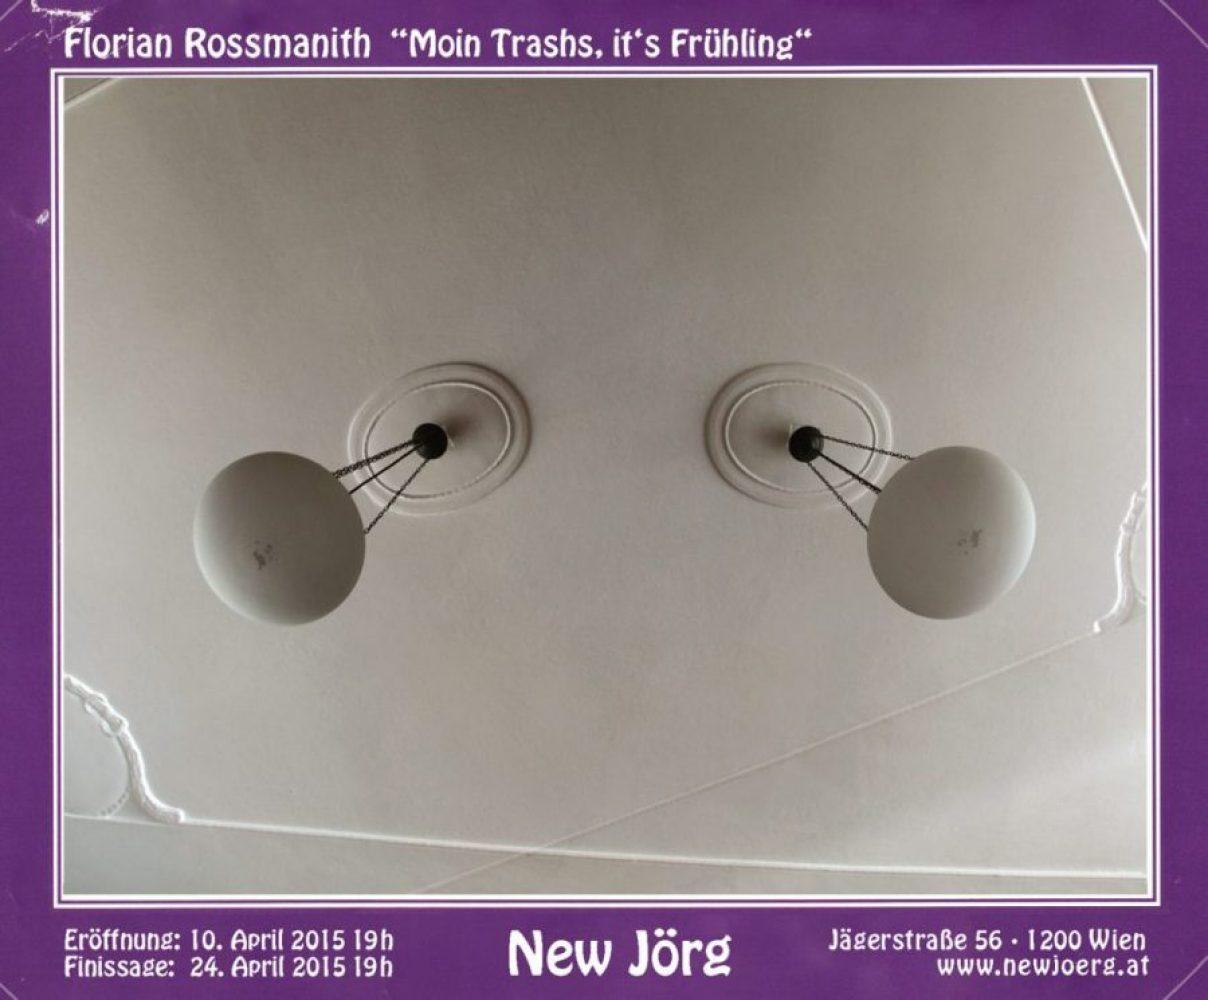 New Jörg Florian Rossmanith